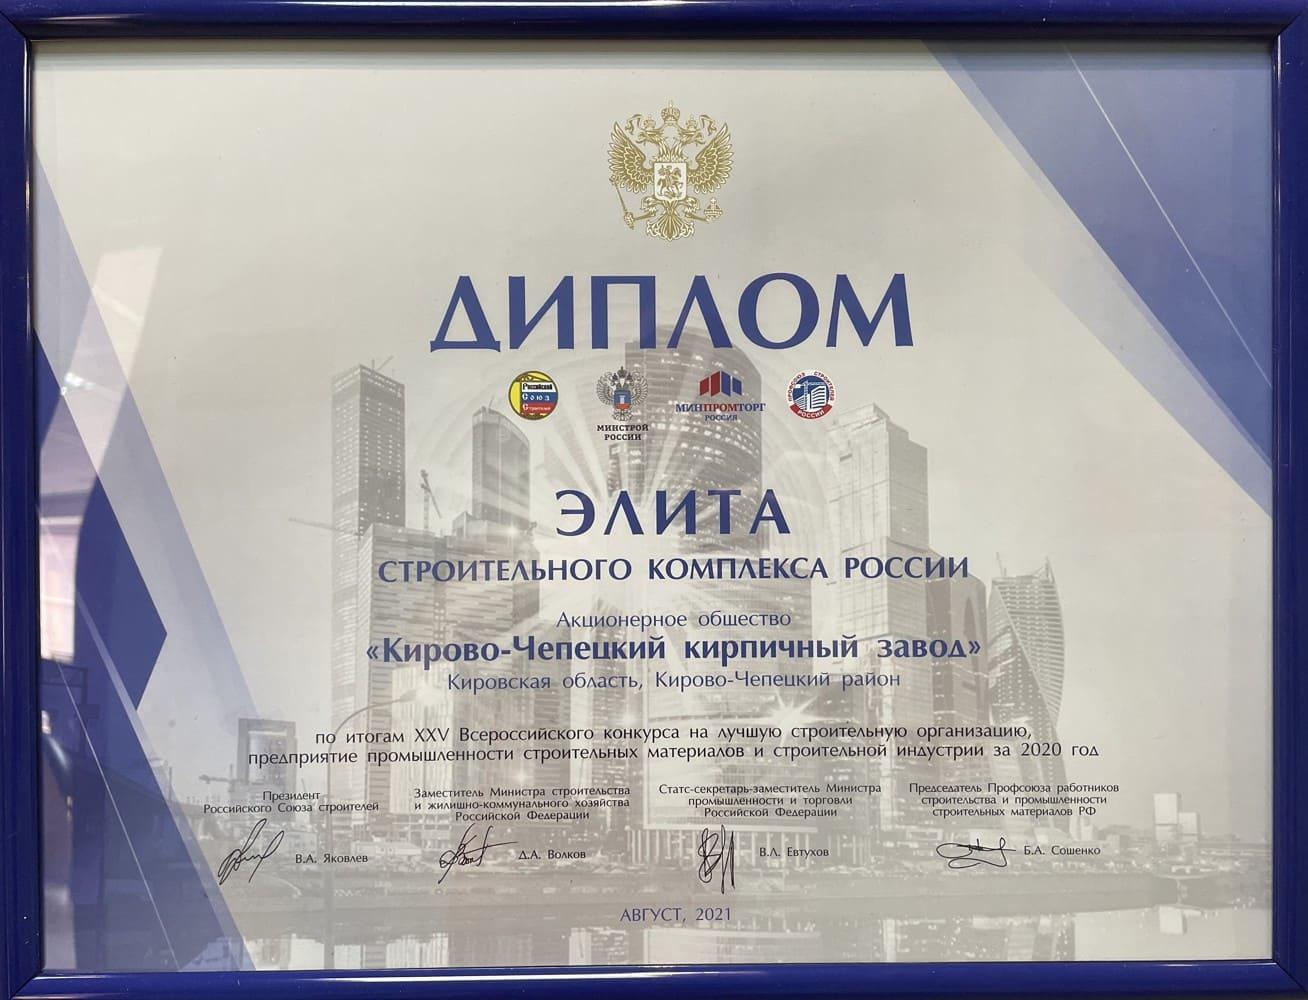 АО «Кирово-Чепецкий кирпичный завод» удостоен звания Элита строительного комплекса России